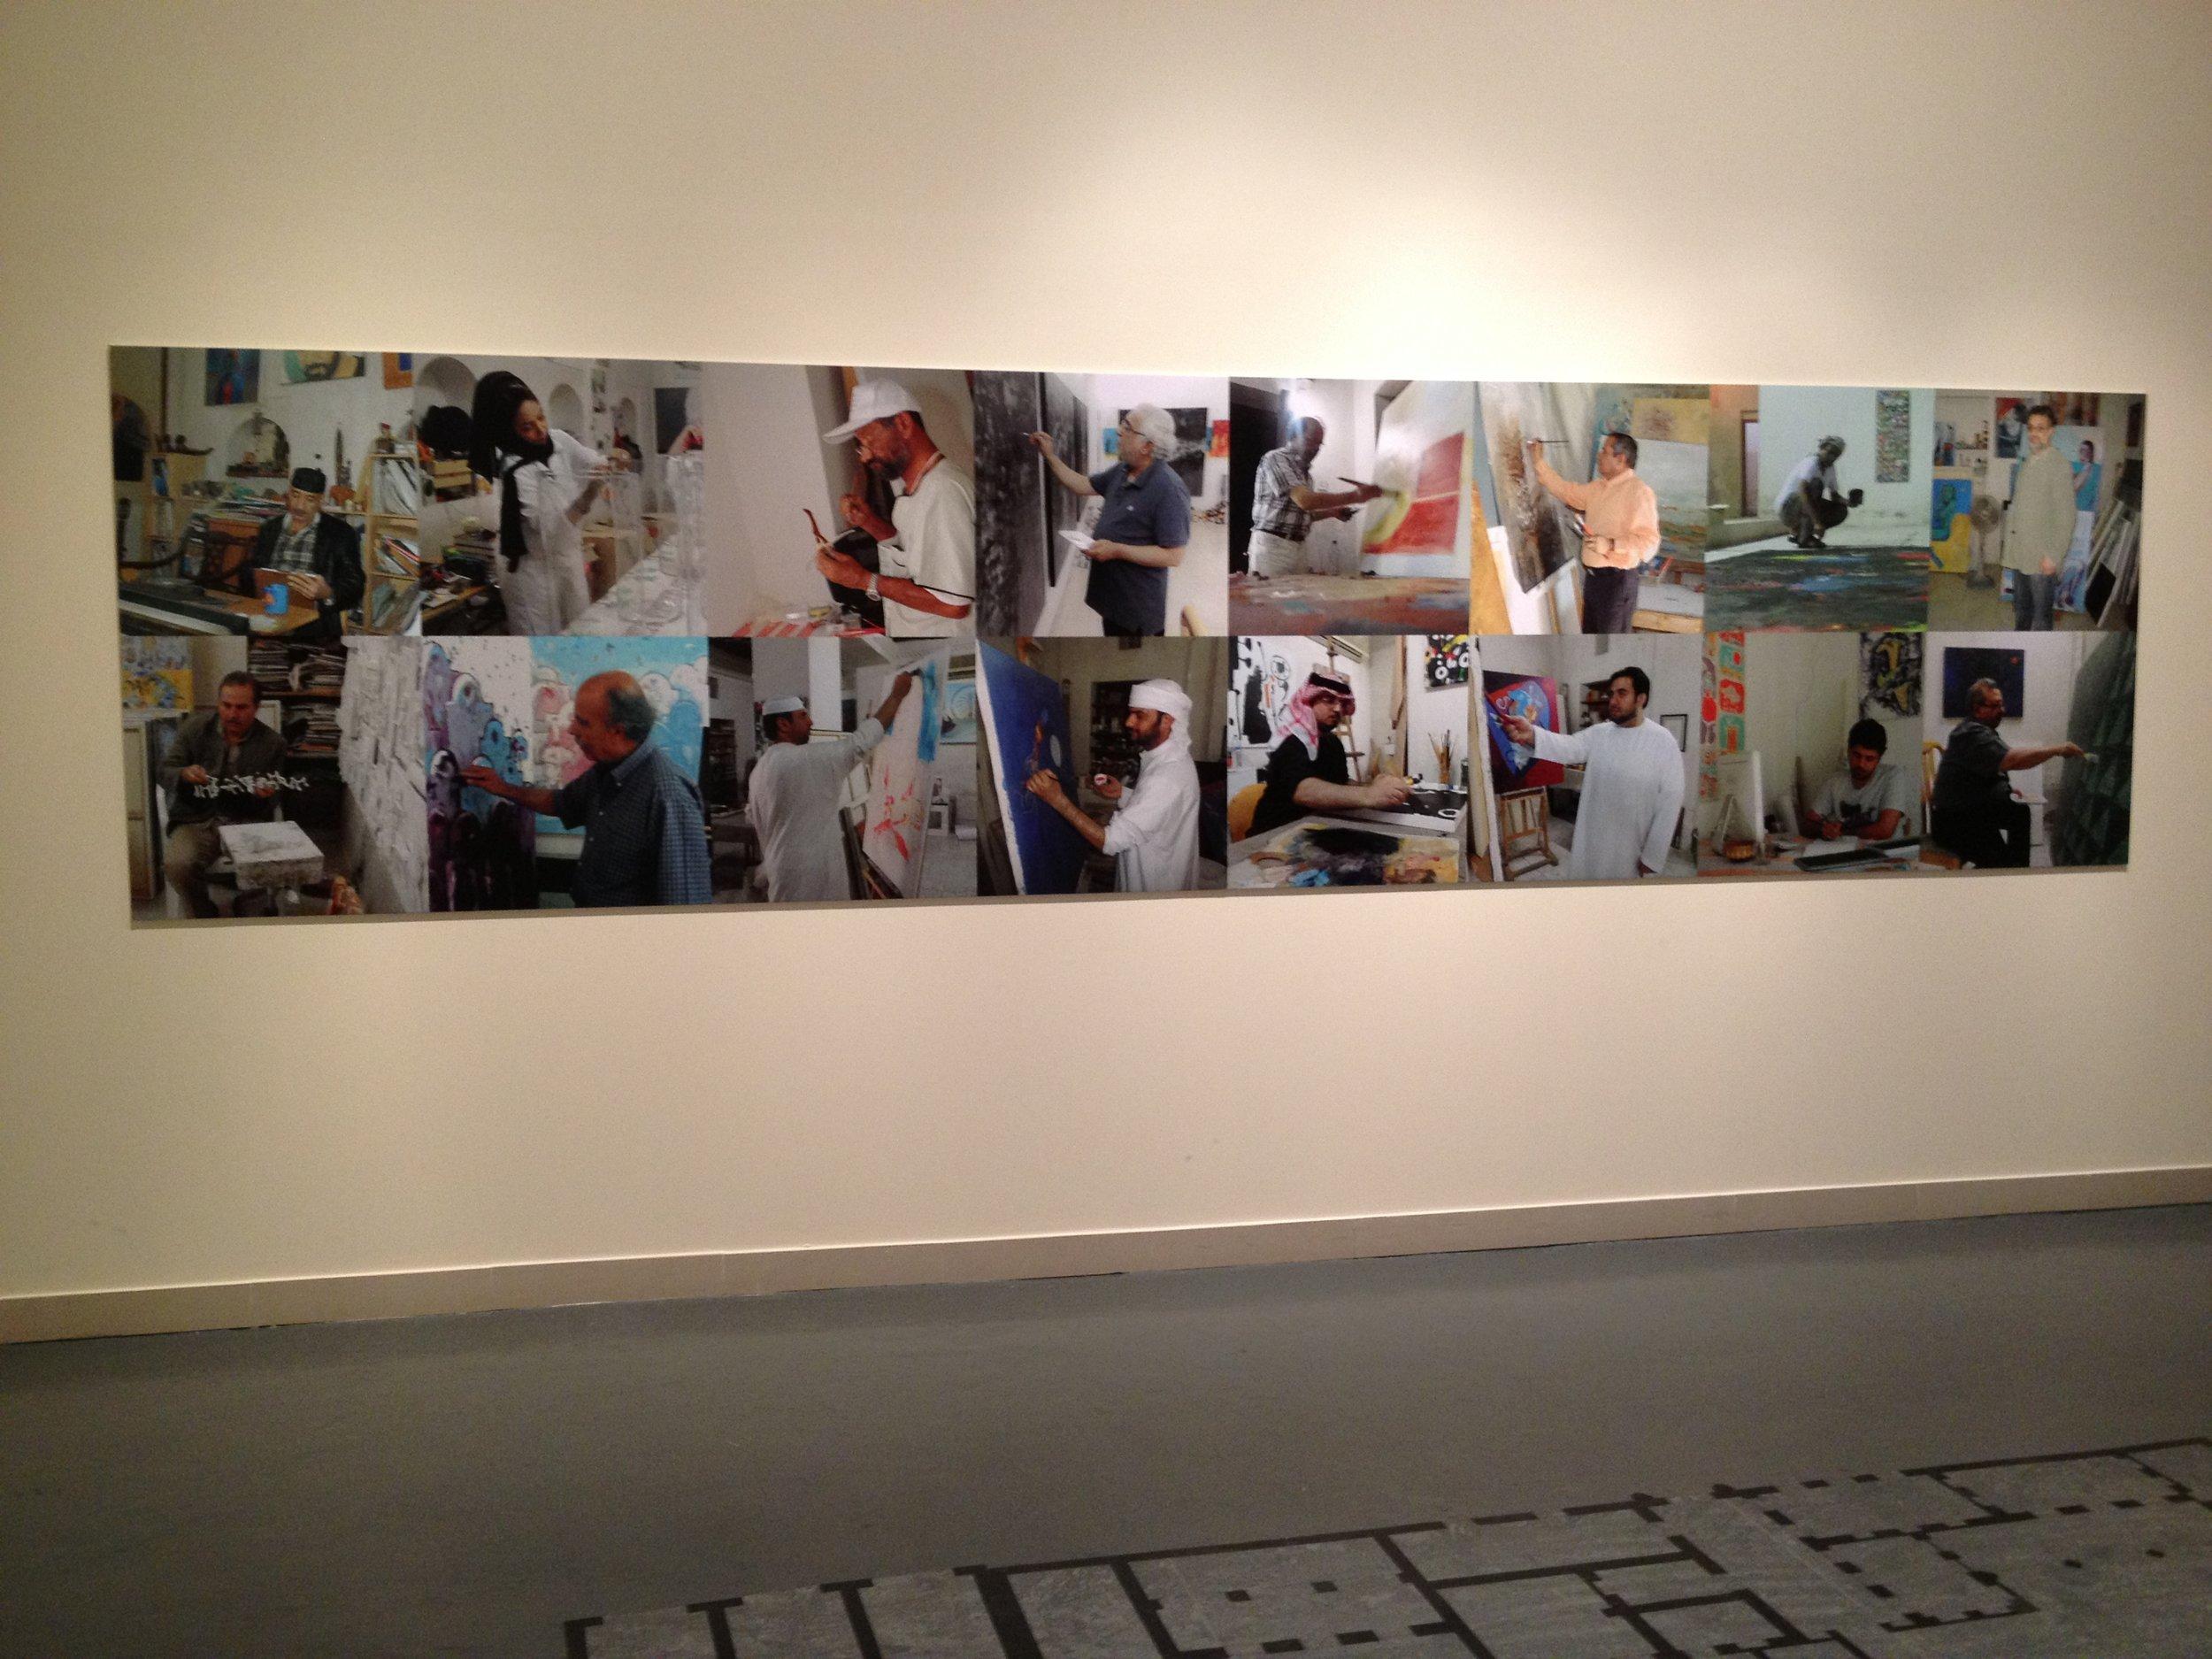 Art Gallery by Khalil Abdul Wahid